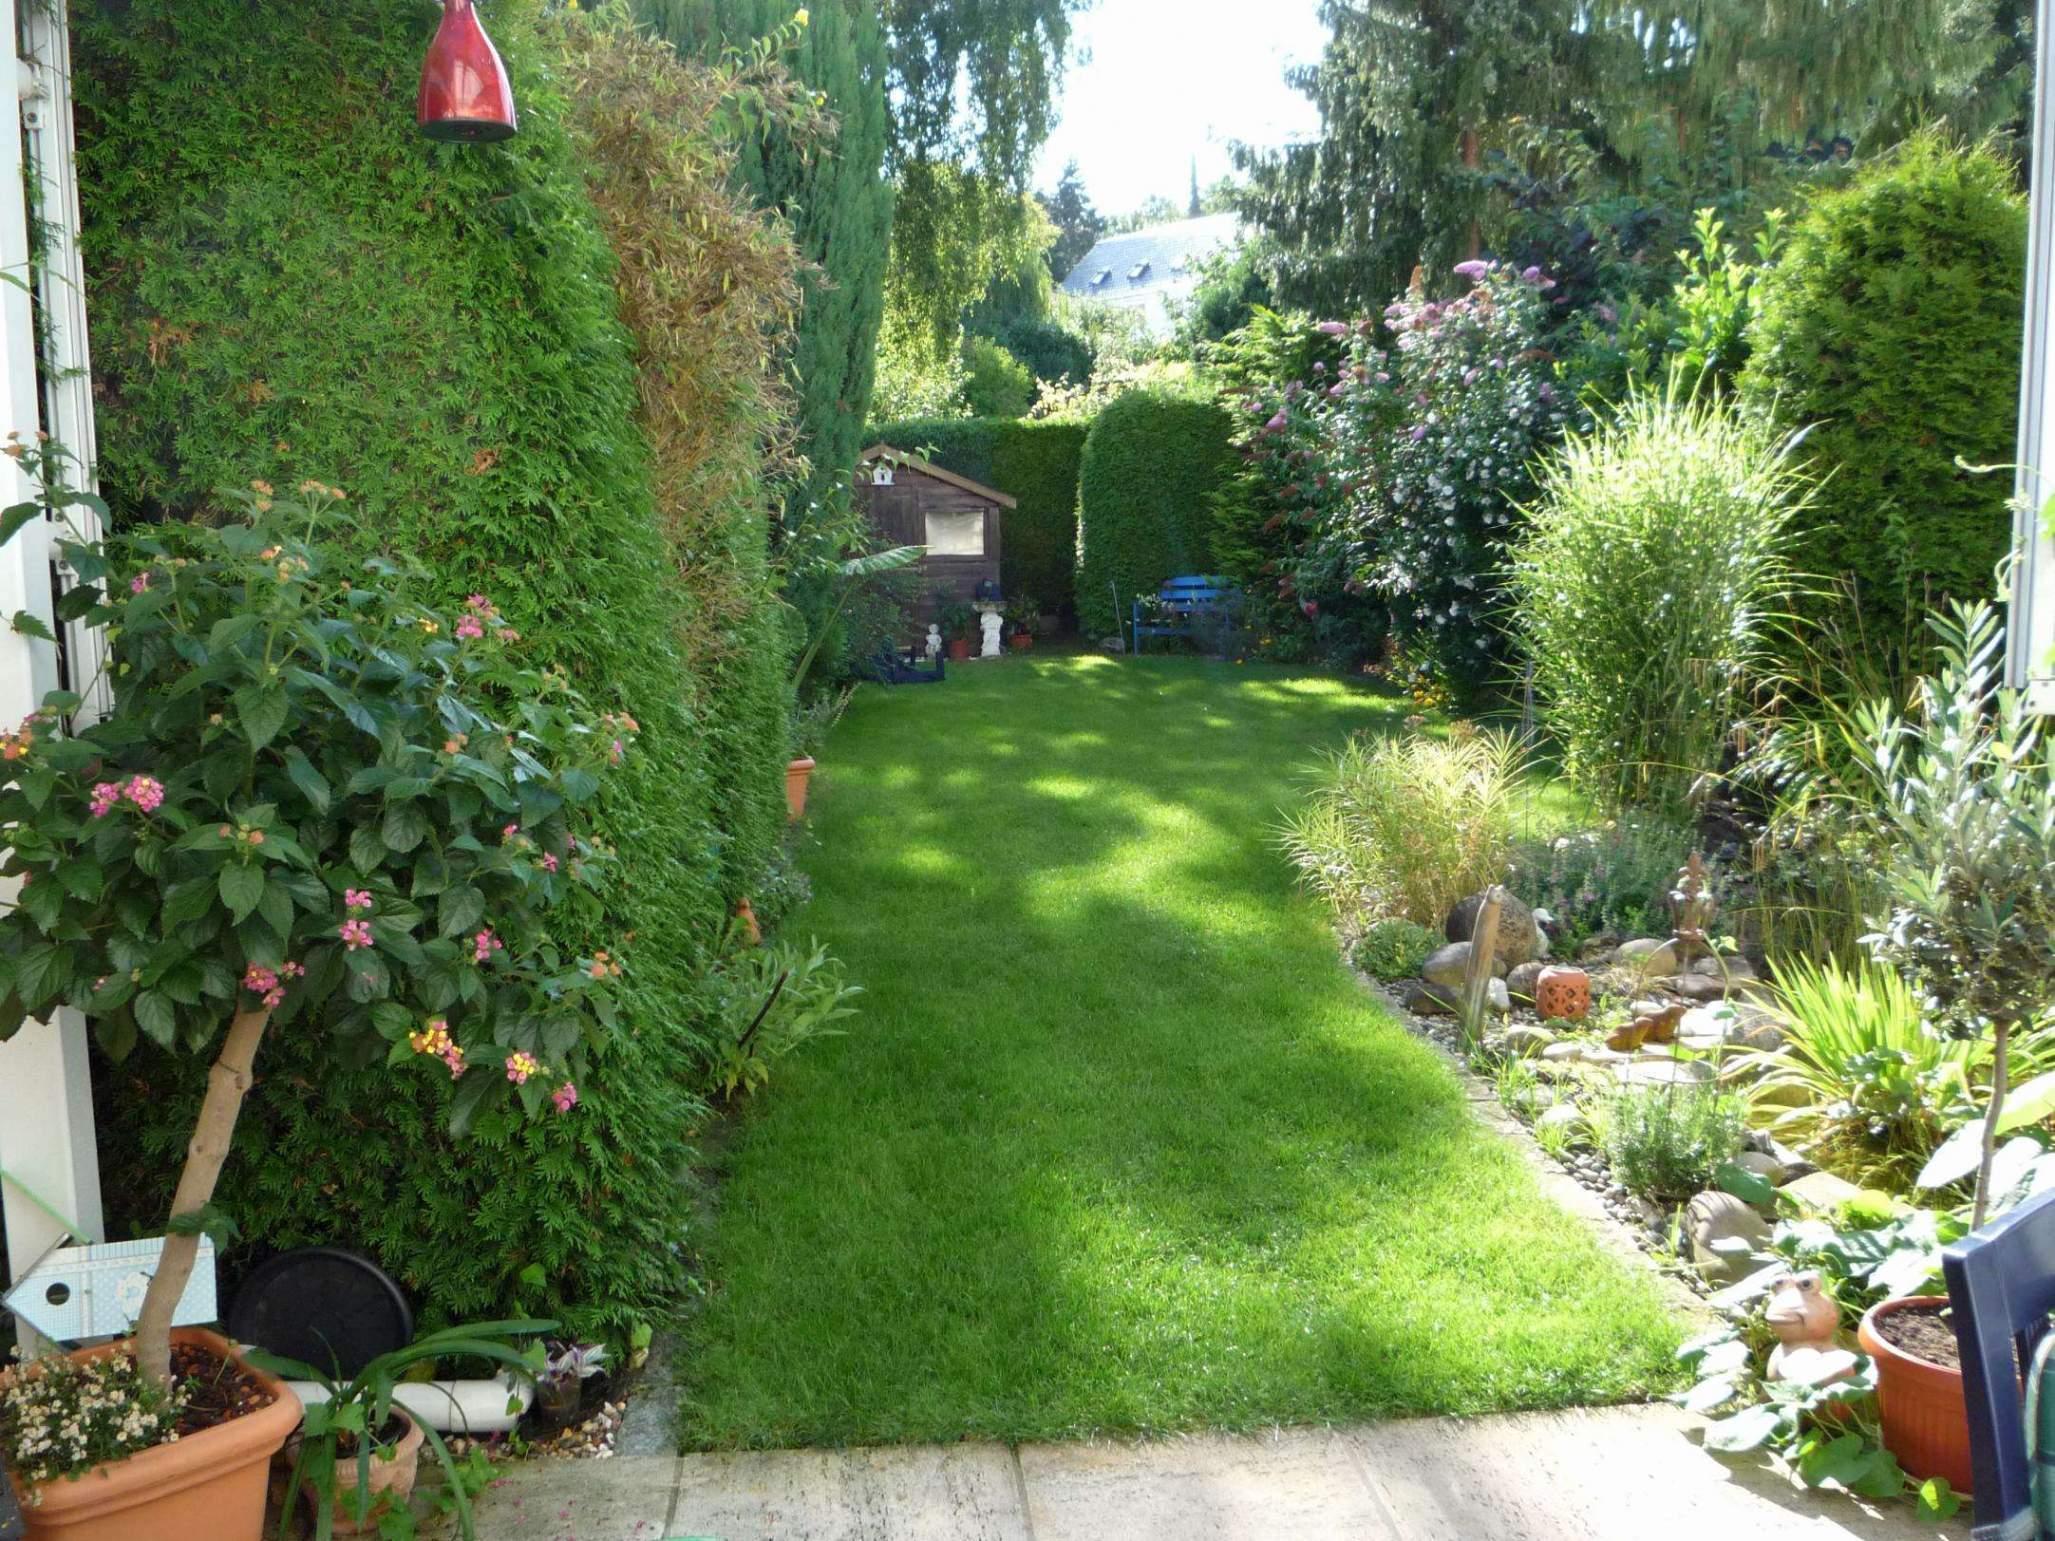 Garten Pflege Reizend Garten Pflanzen Sichtschutz — Temobardz Home Blog